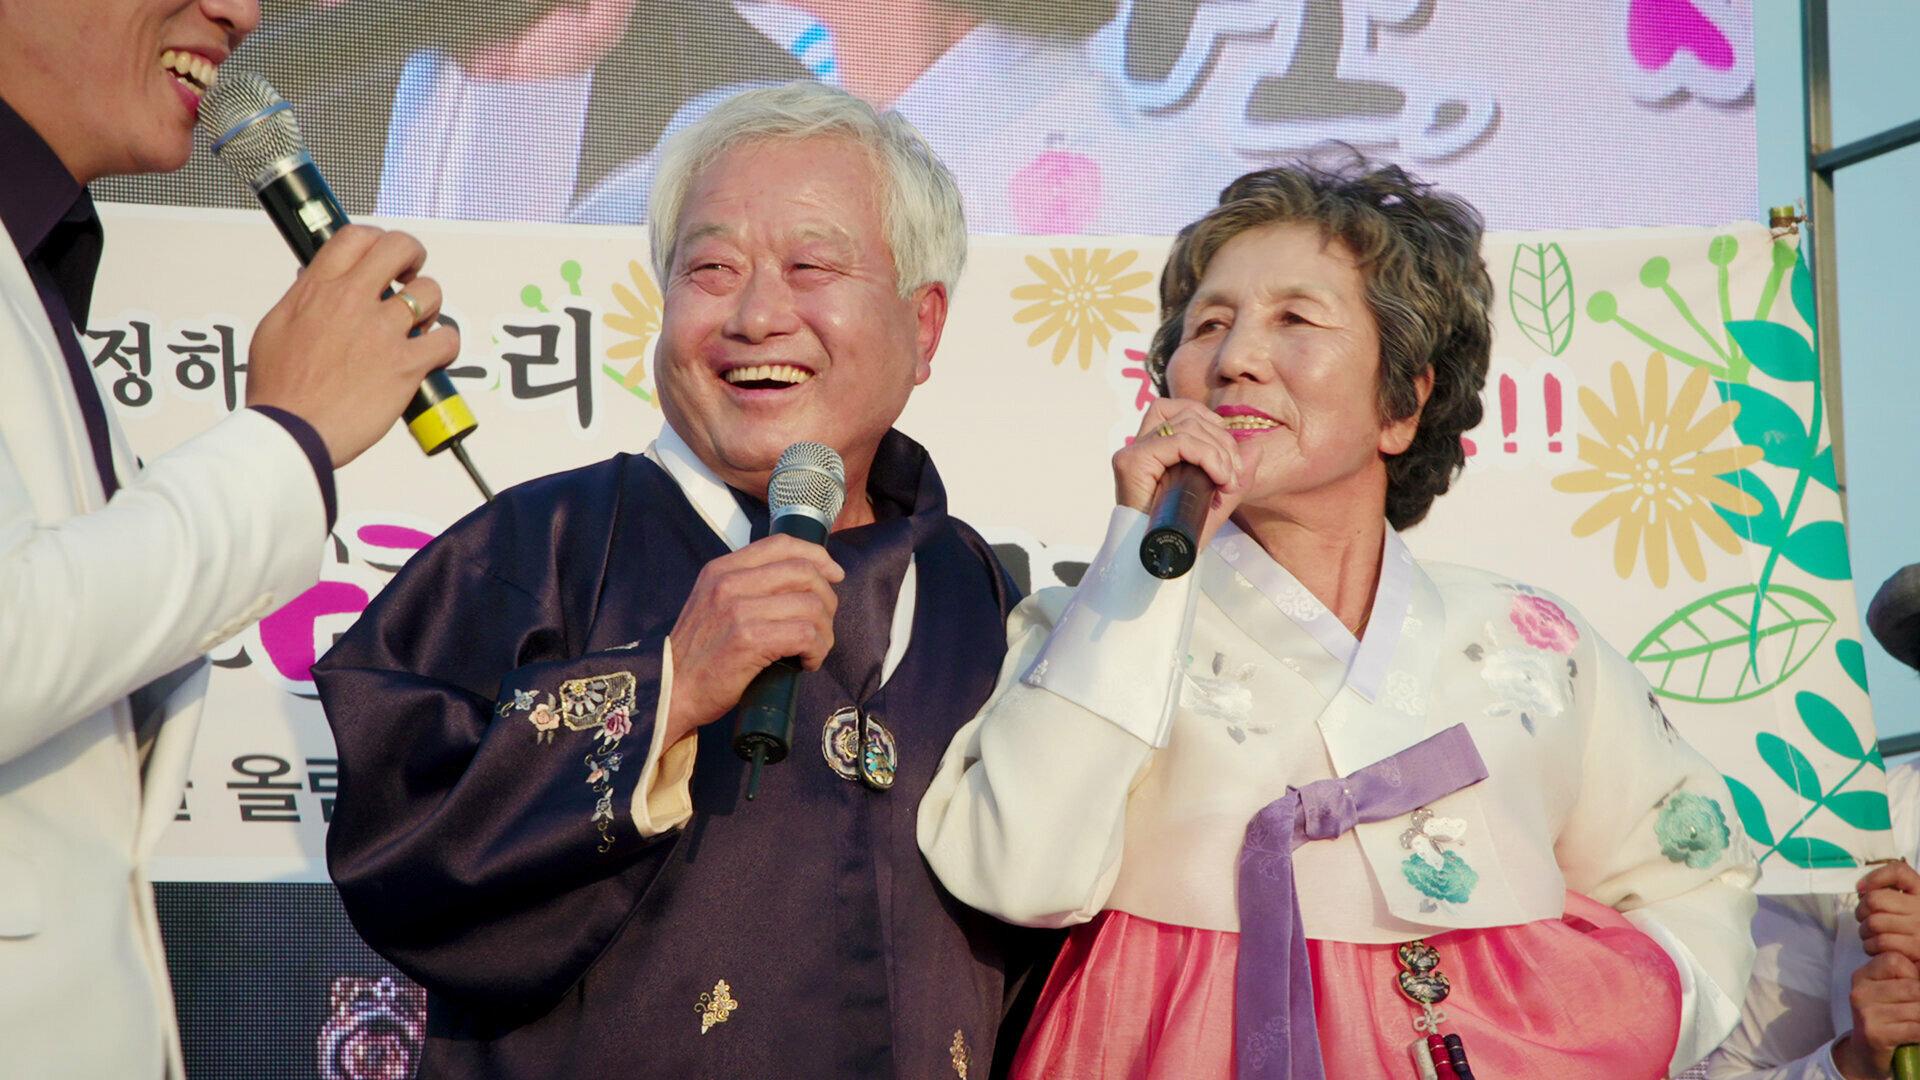 Моя любовь: шесть историй о настоящей любви — s01e04 — Korea: Saengja & Yeongsam